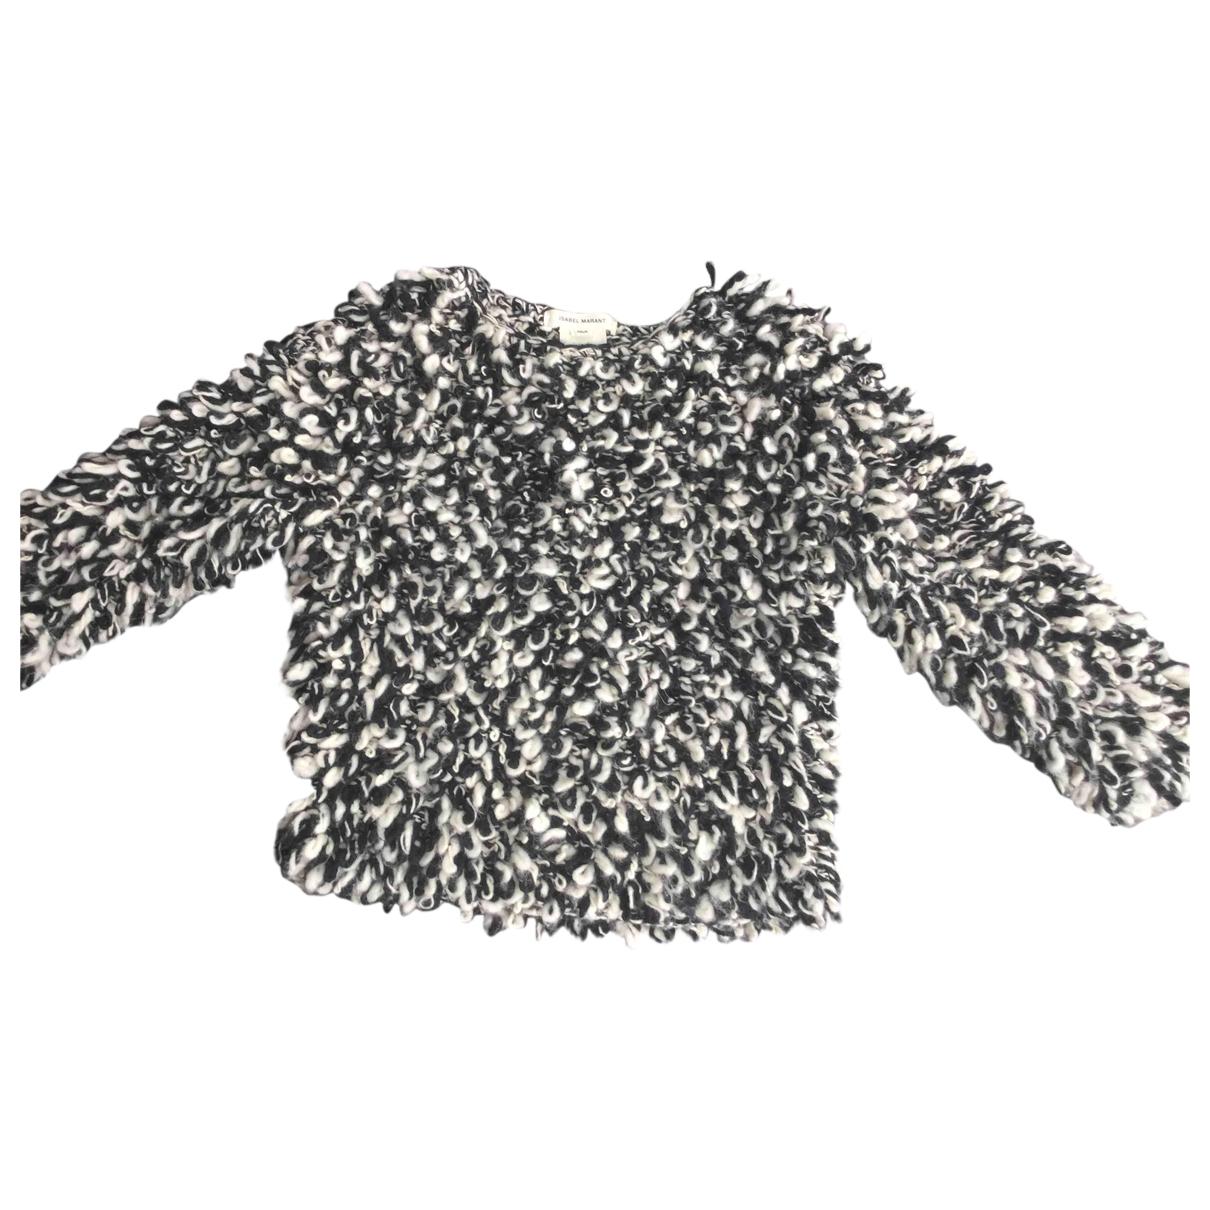 Isabel Marant Pour H&m - Pull   pour femme en laine - noir